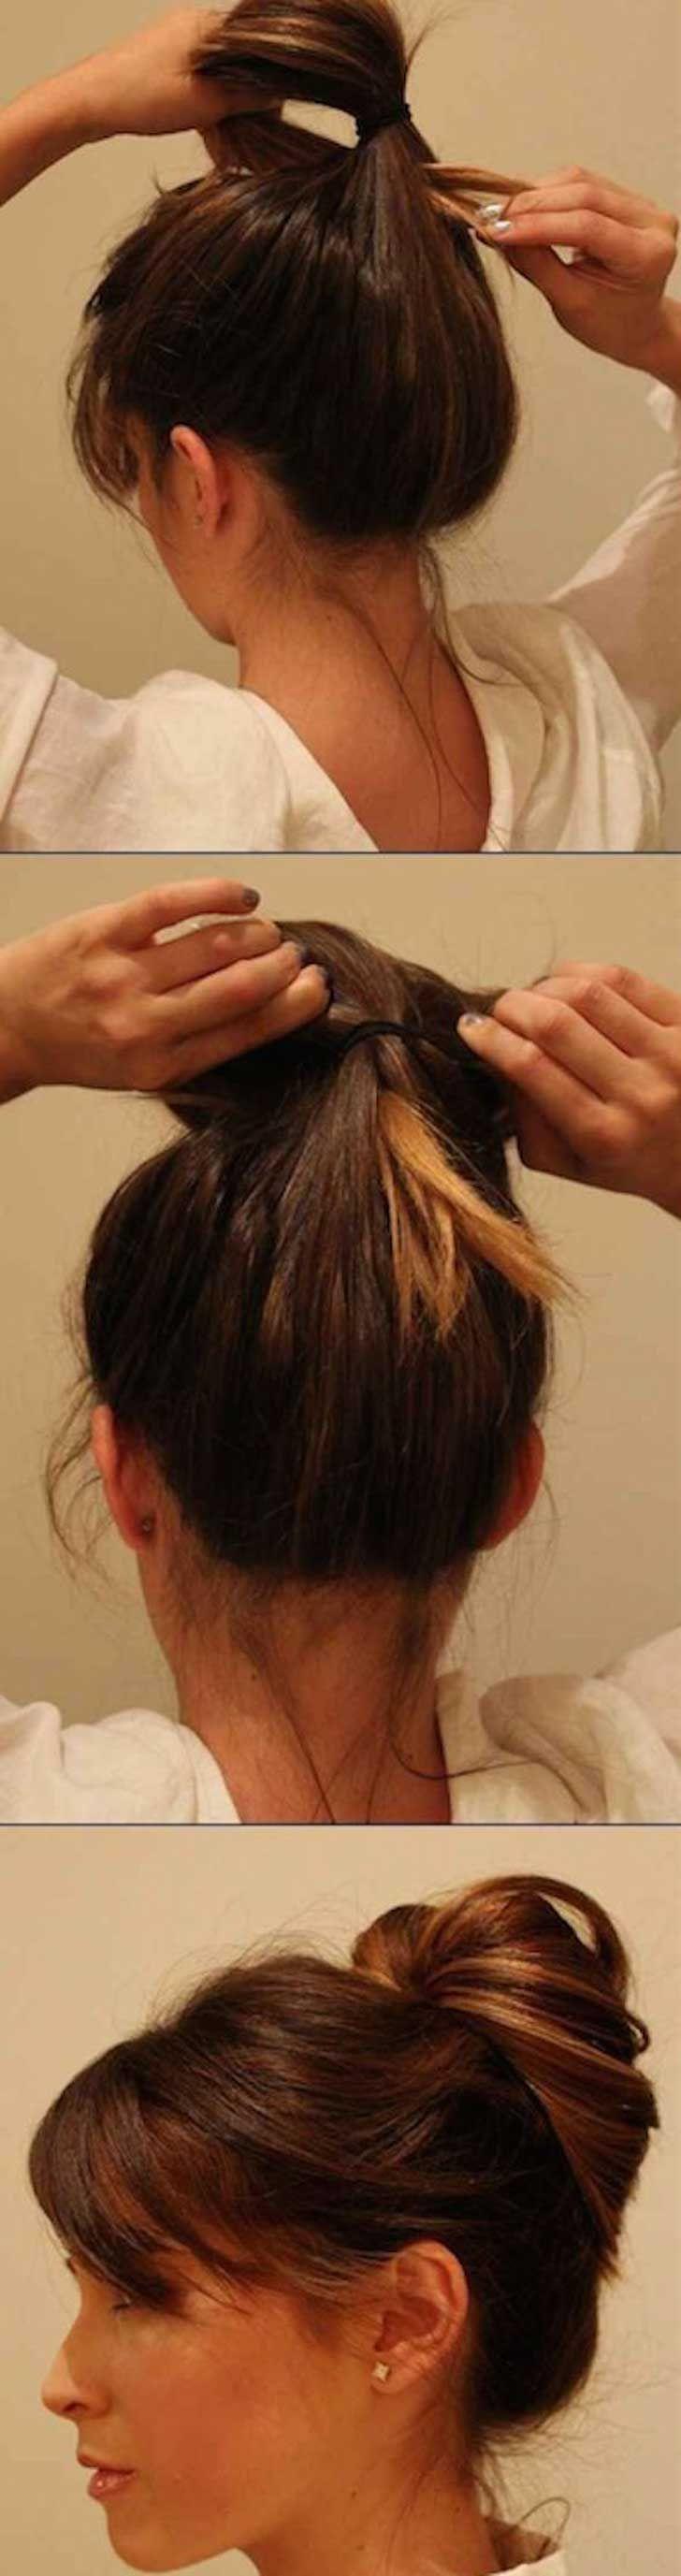 peinados extremadamente sencillos para verte arreglada en poco